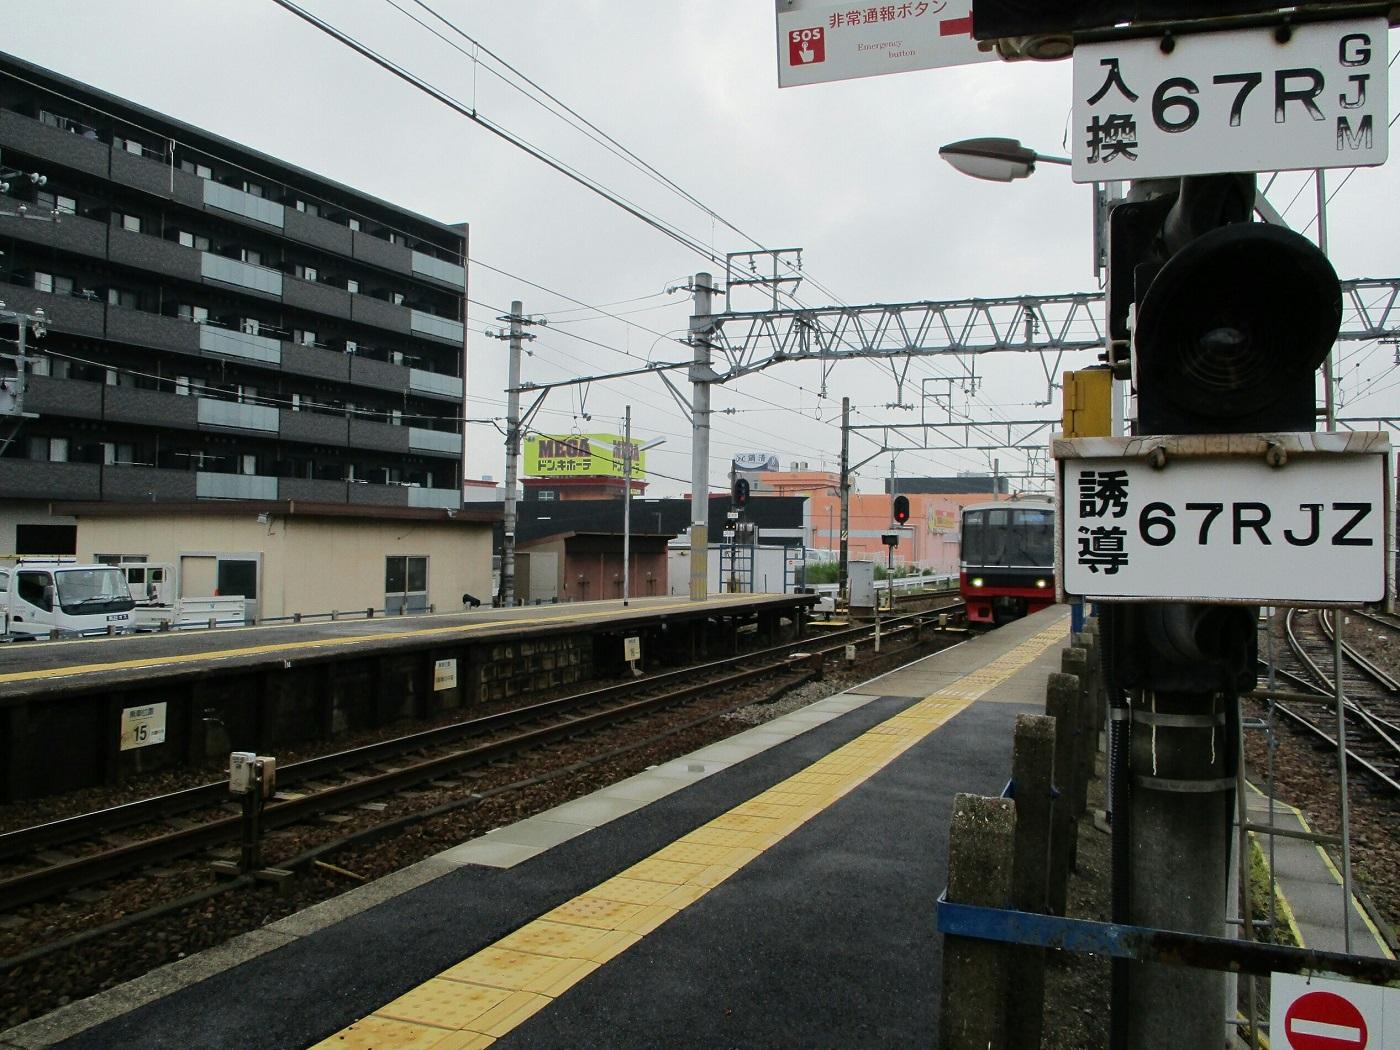 2018.6.7 みたけ (3) しんあんじょう - 岐阜いき快速特急 1400-1050